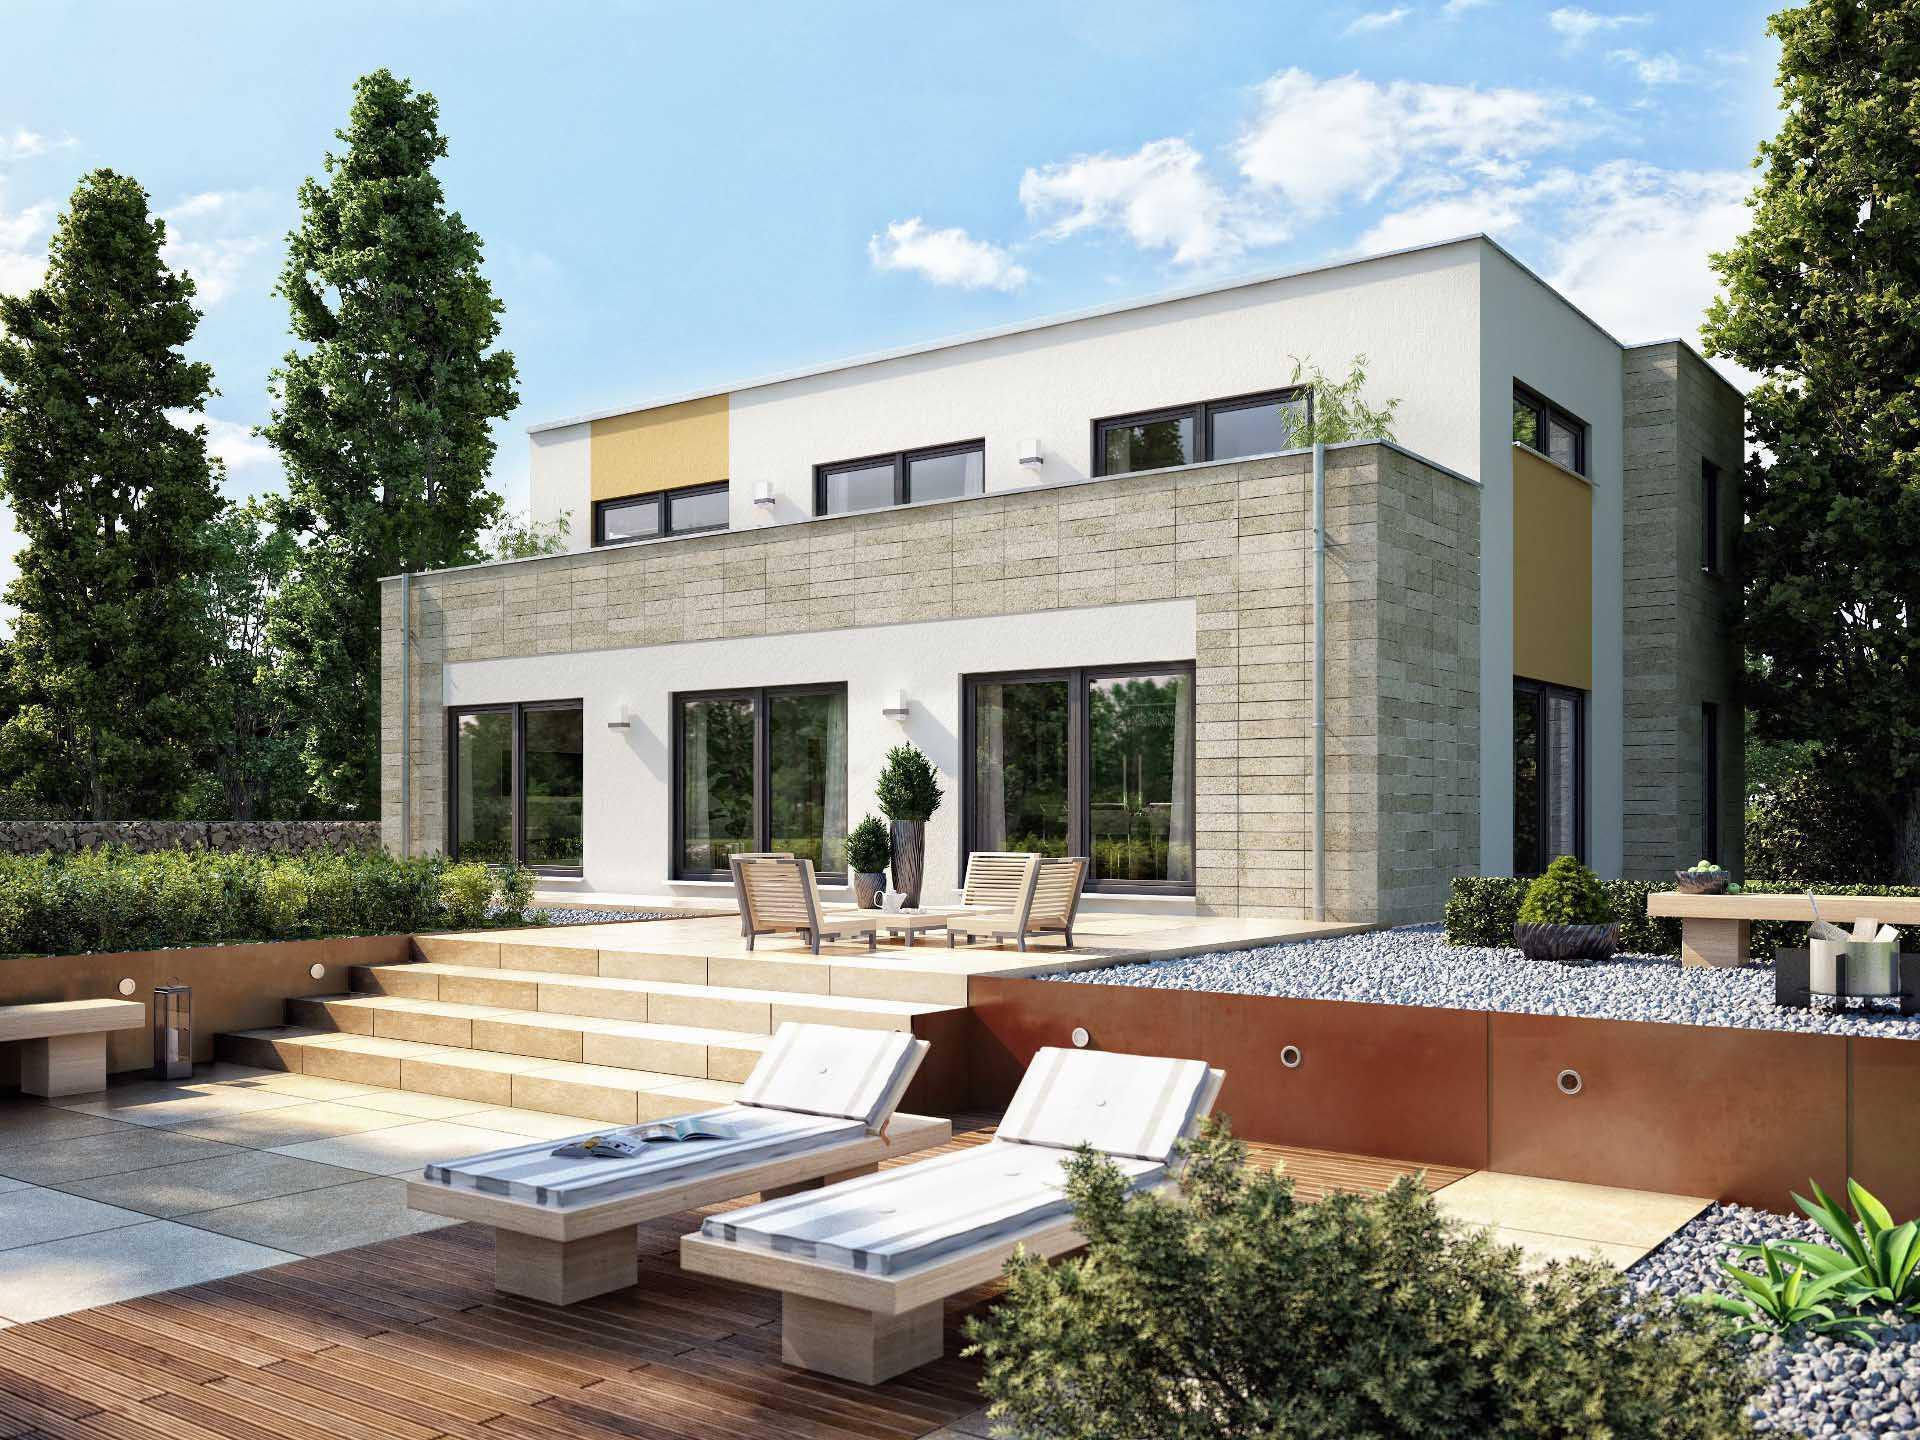 Hausentwurf Sonnenterrasse - OKAL Haus